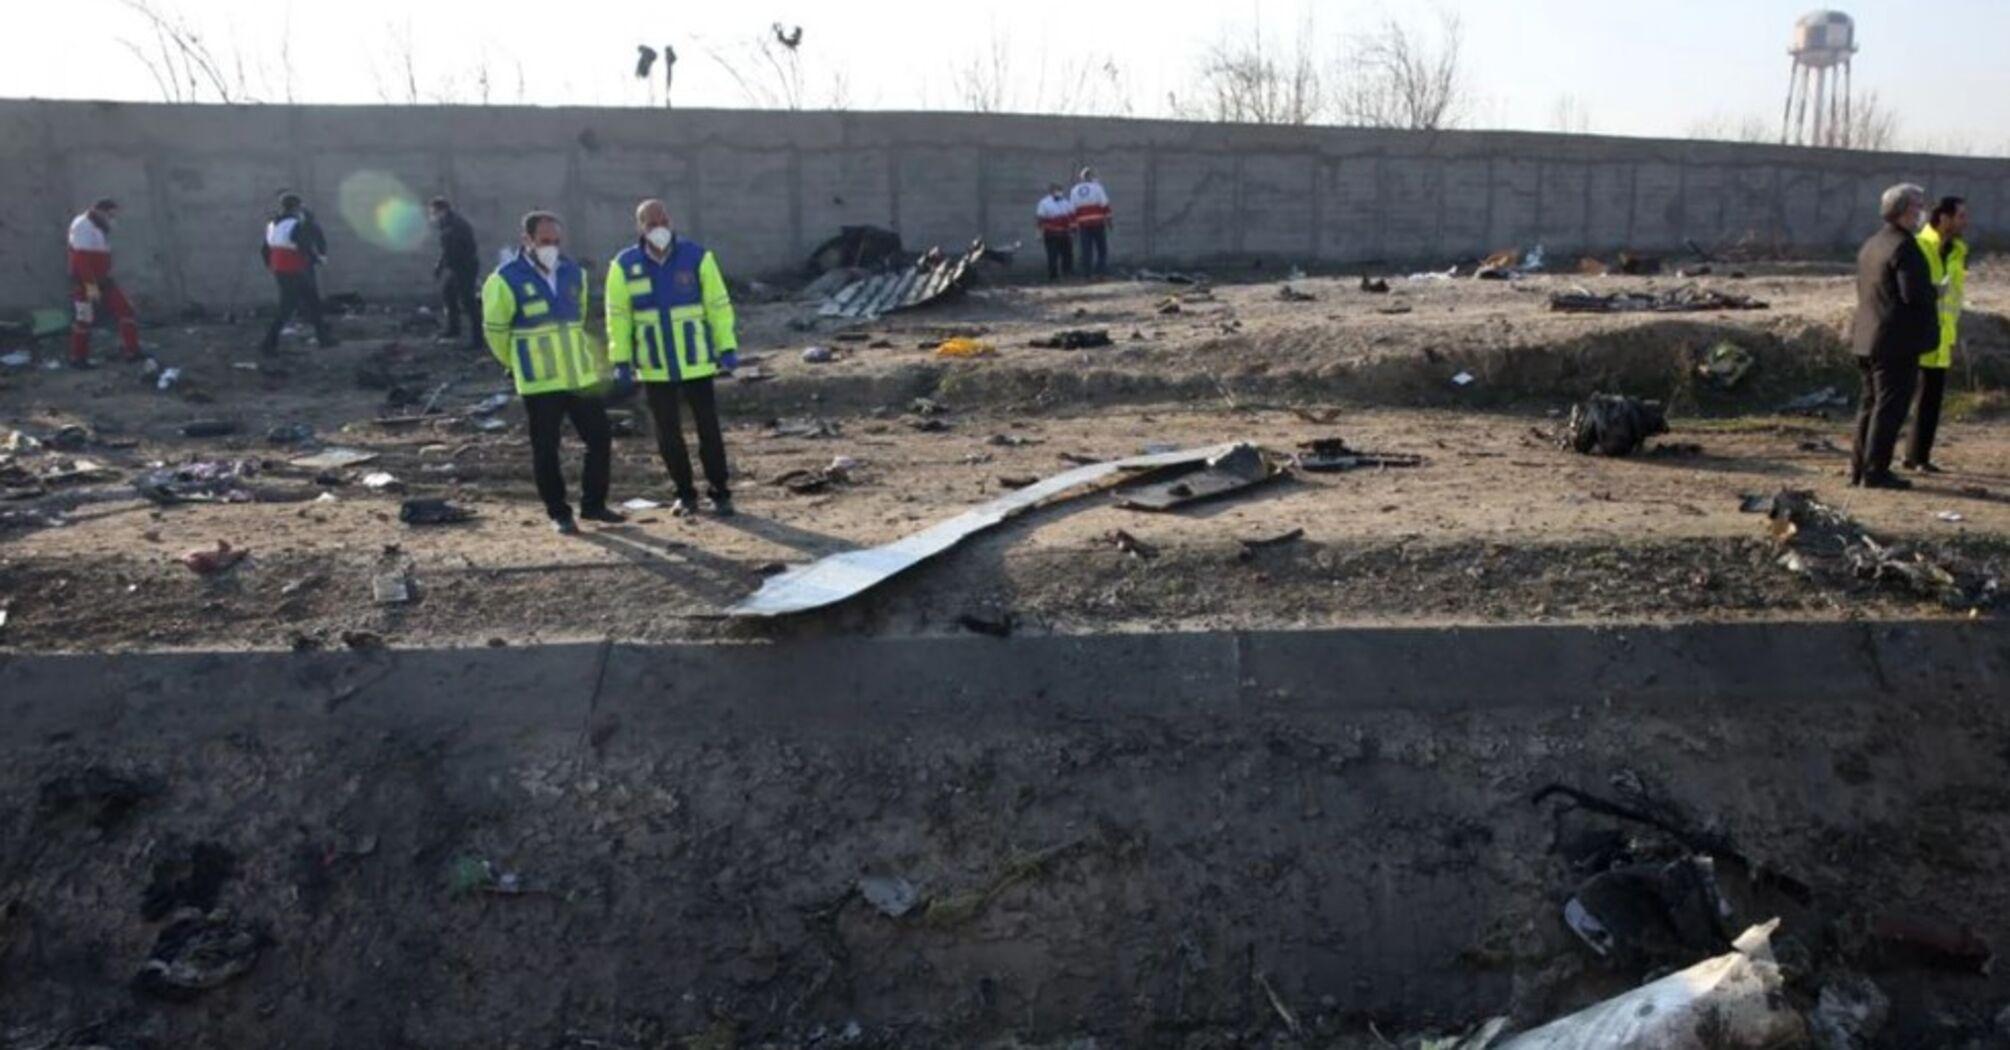 Авіакатастрофа в Тегерані: Іран не йде на переговори з Україною про компенсації жертвам